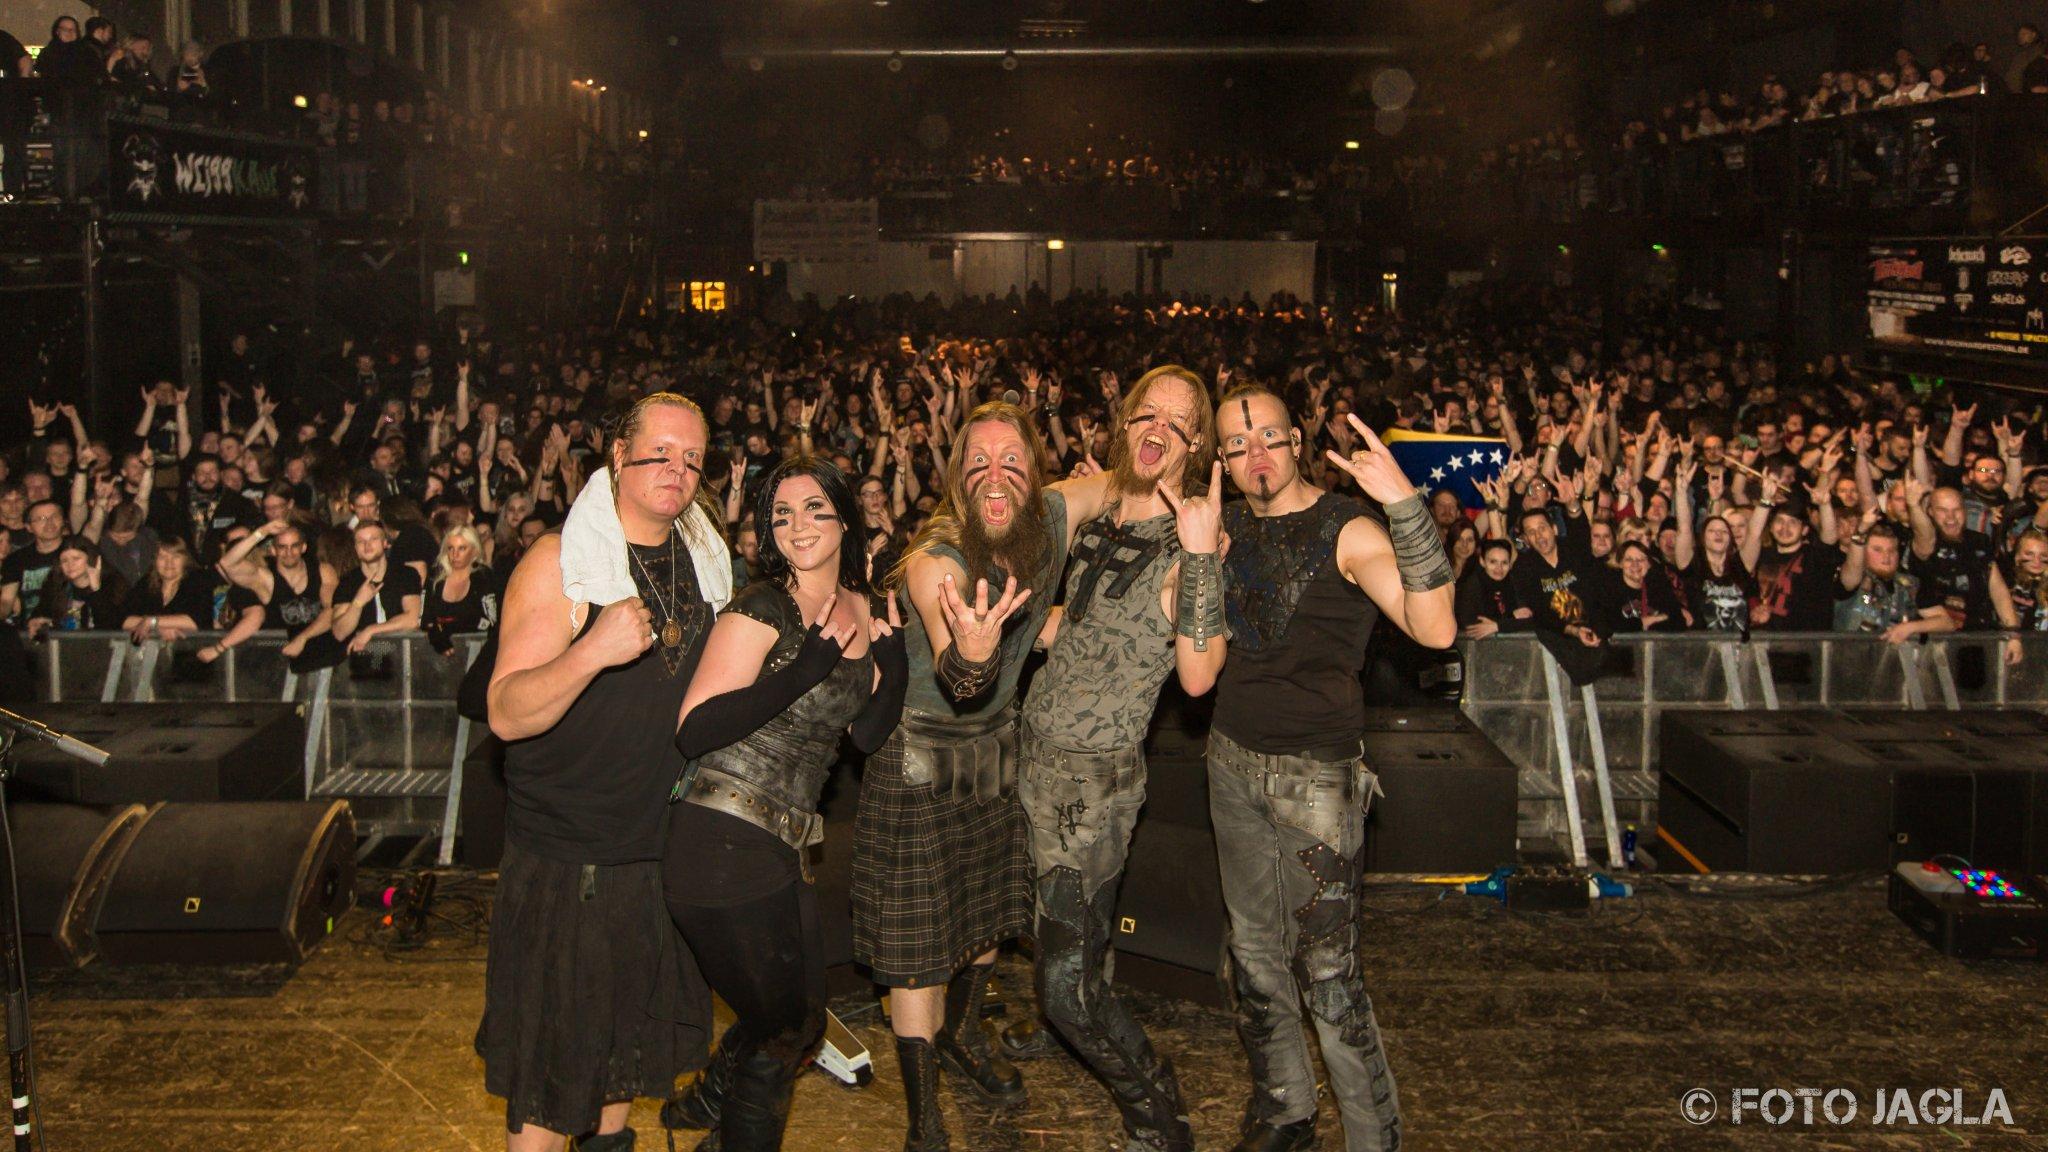 Abschlussfoto von ENSIFERUM auf dem Ruhrpott Metal Meeting 2016 in Oberhausen (Turbinenhalle)